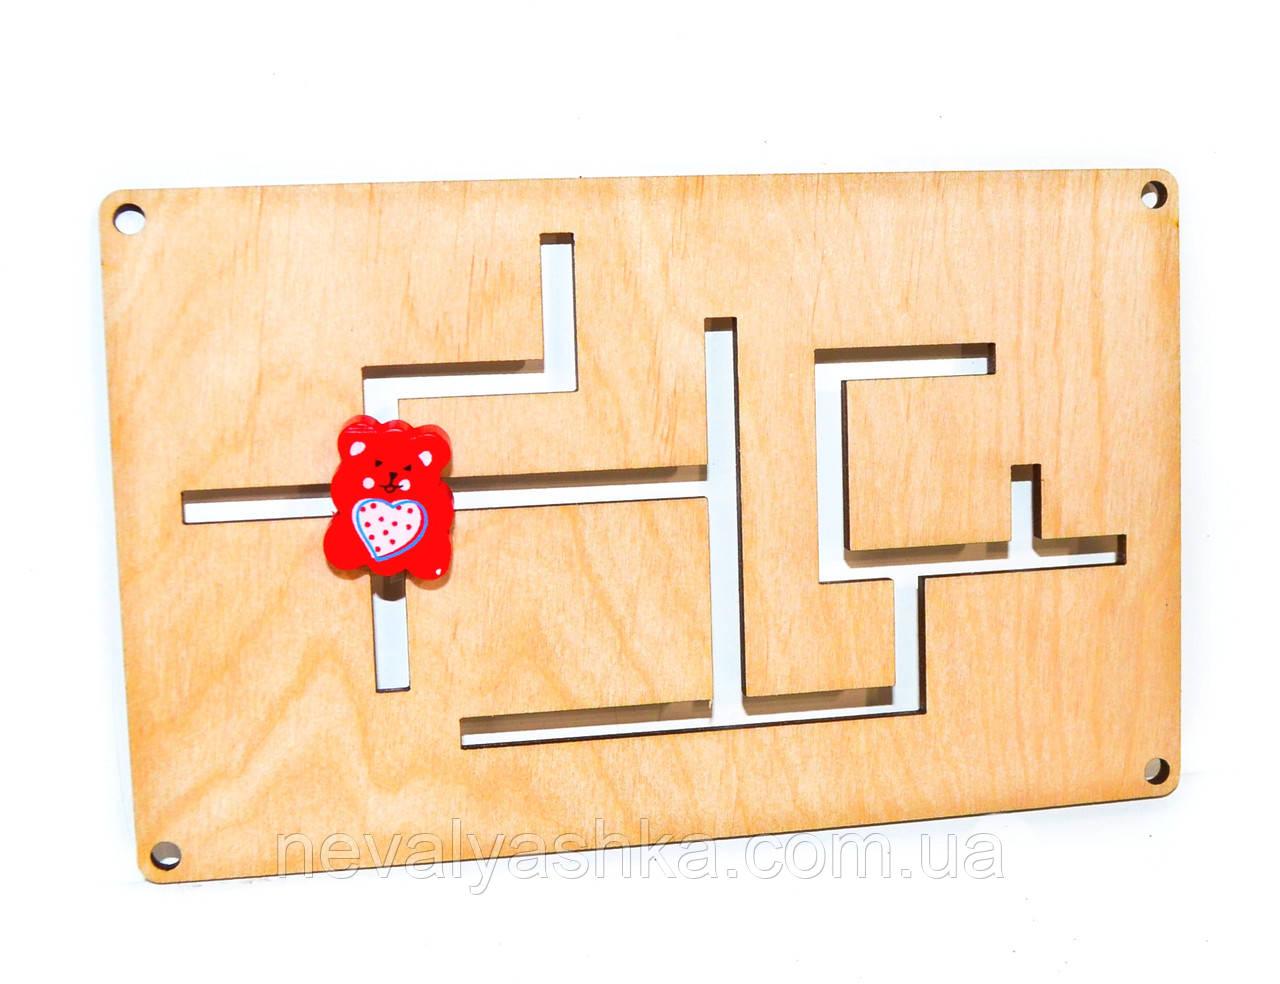 Деревянный Лабиринт для бизиборда + Ползунок дерев'яний лабіринт для бізіборда заготовка для бизиборда декупаж